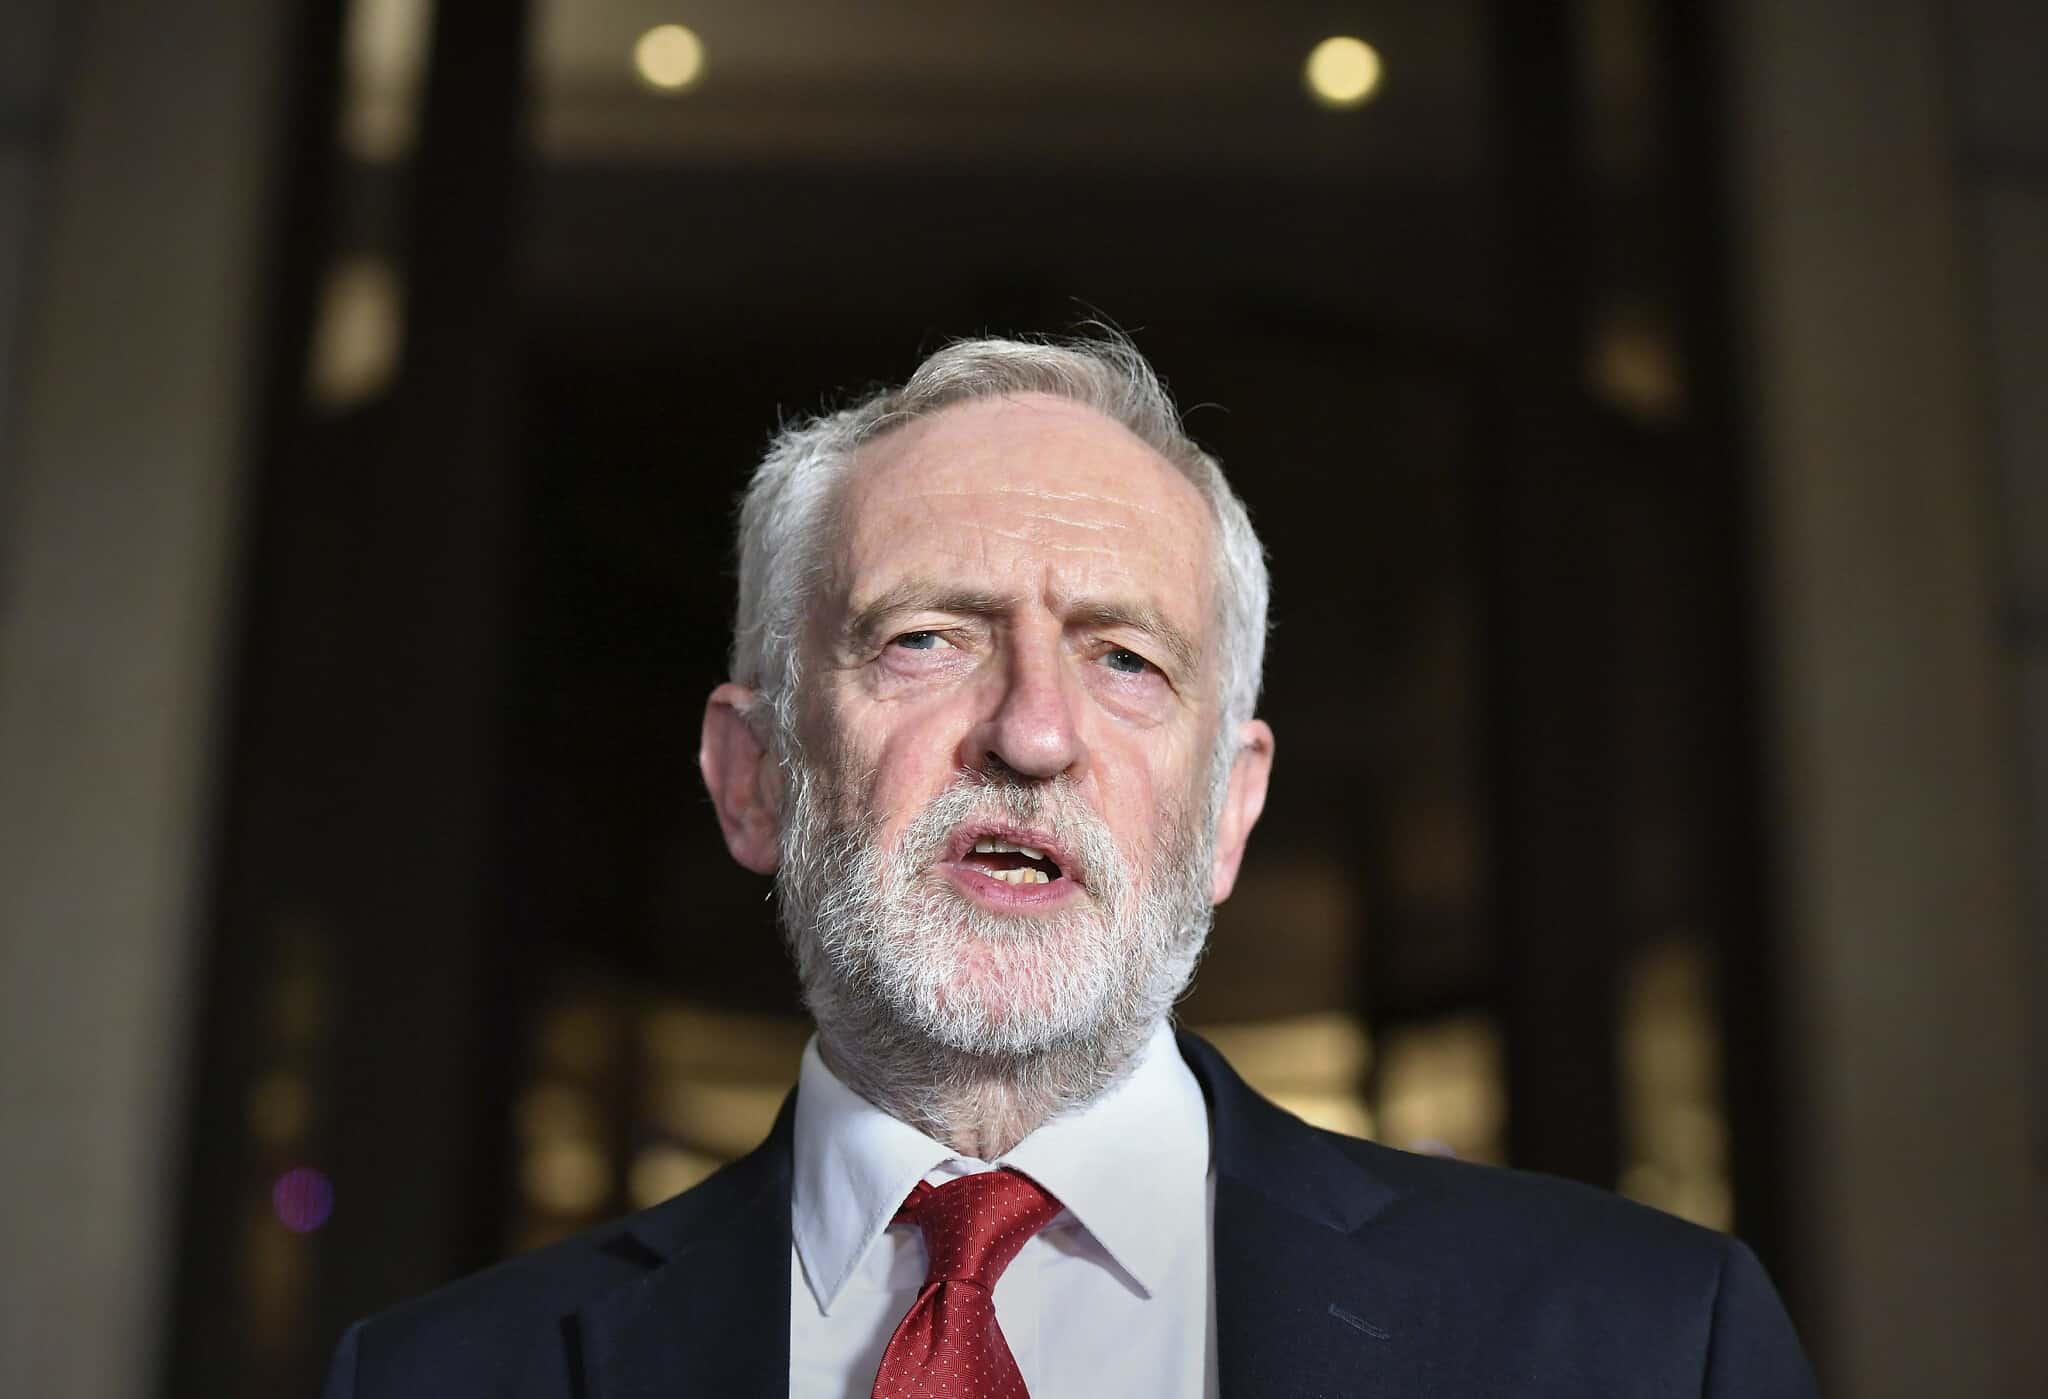 מנהיג הלייבור, ג'רמי קורבין (צילום: Dominc Lipinski/PA via AP)